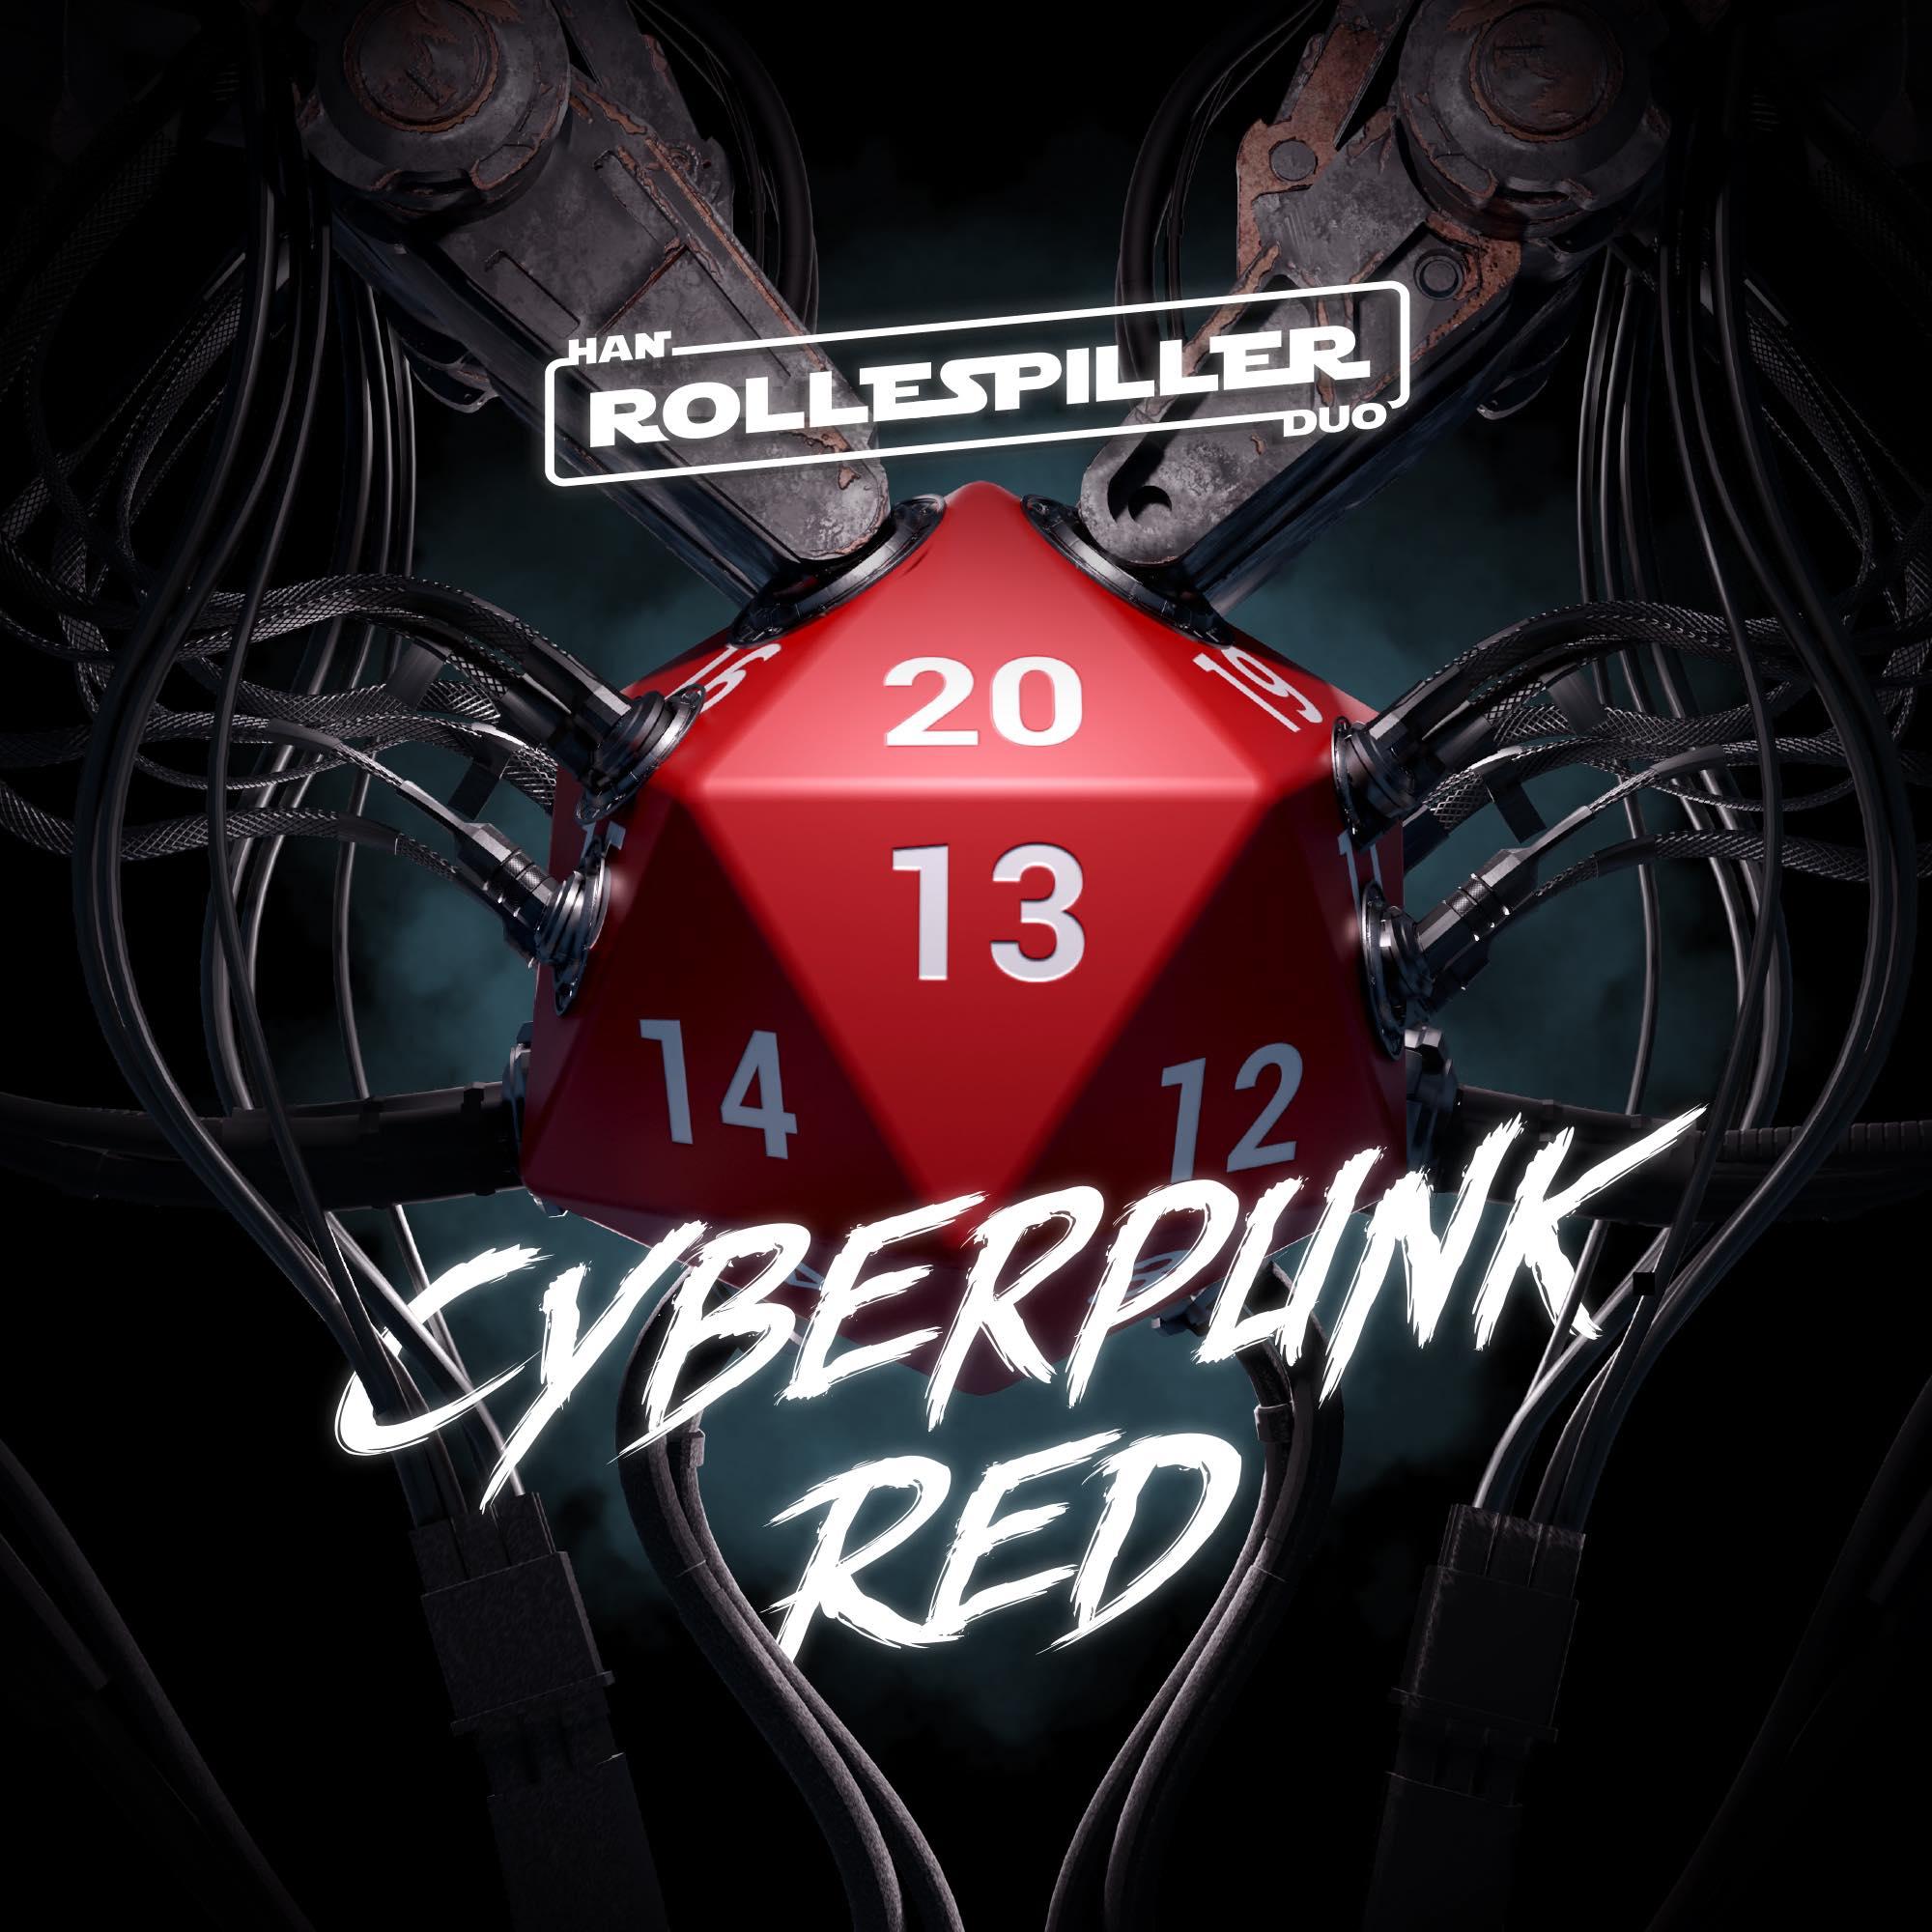 Cyberpunk Red 5:5